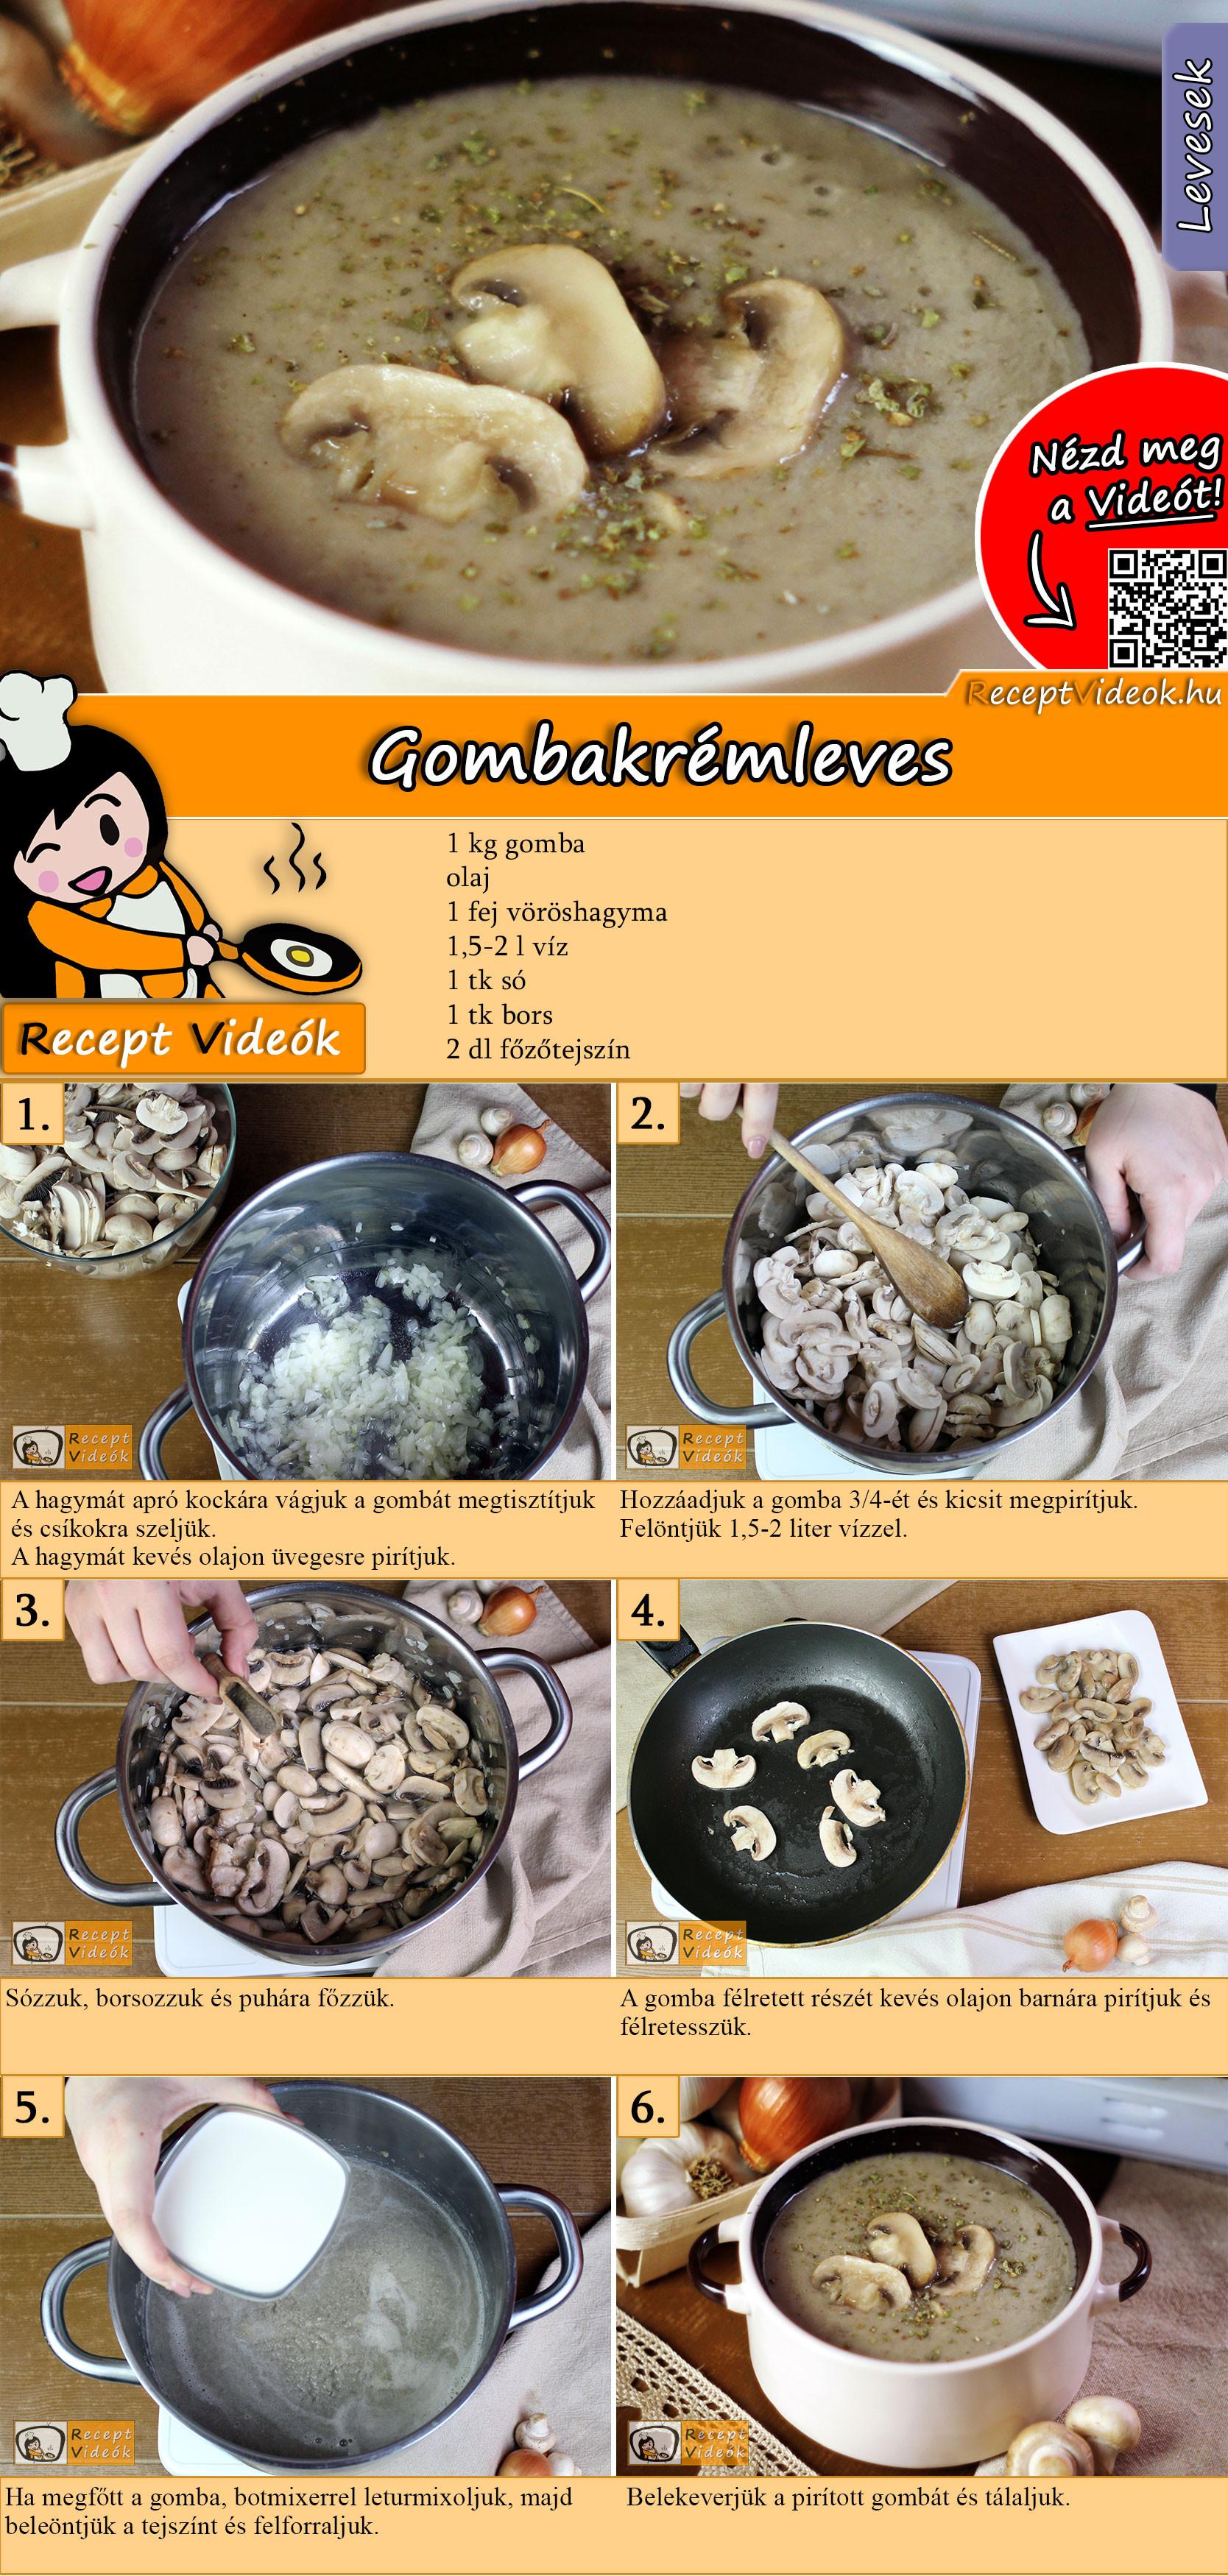 Gombakrémleves recept elkészítése videóval